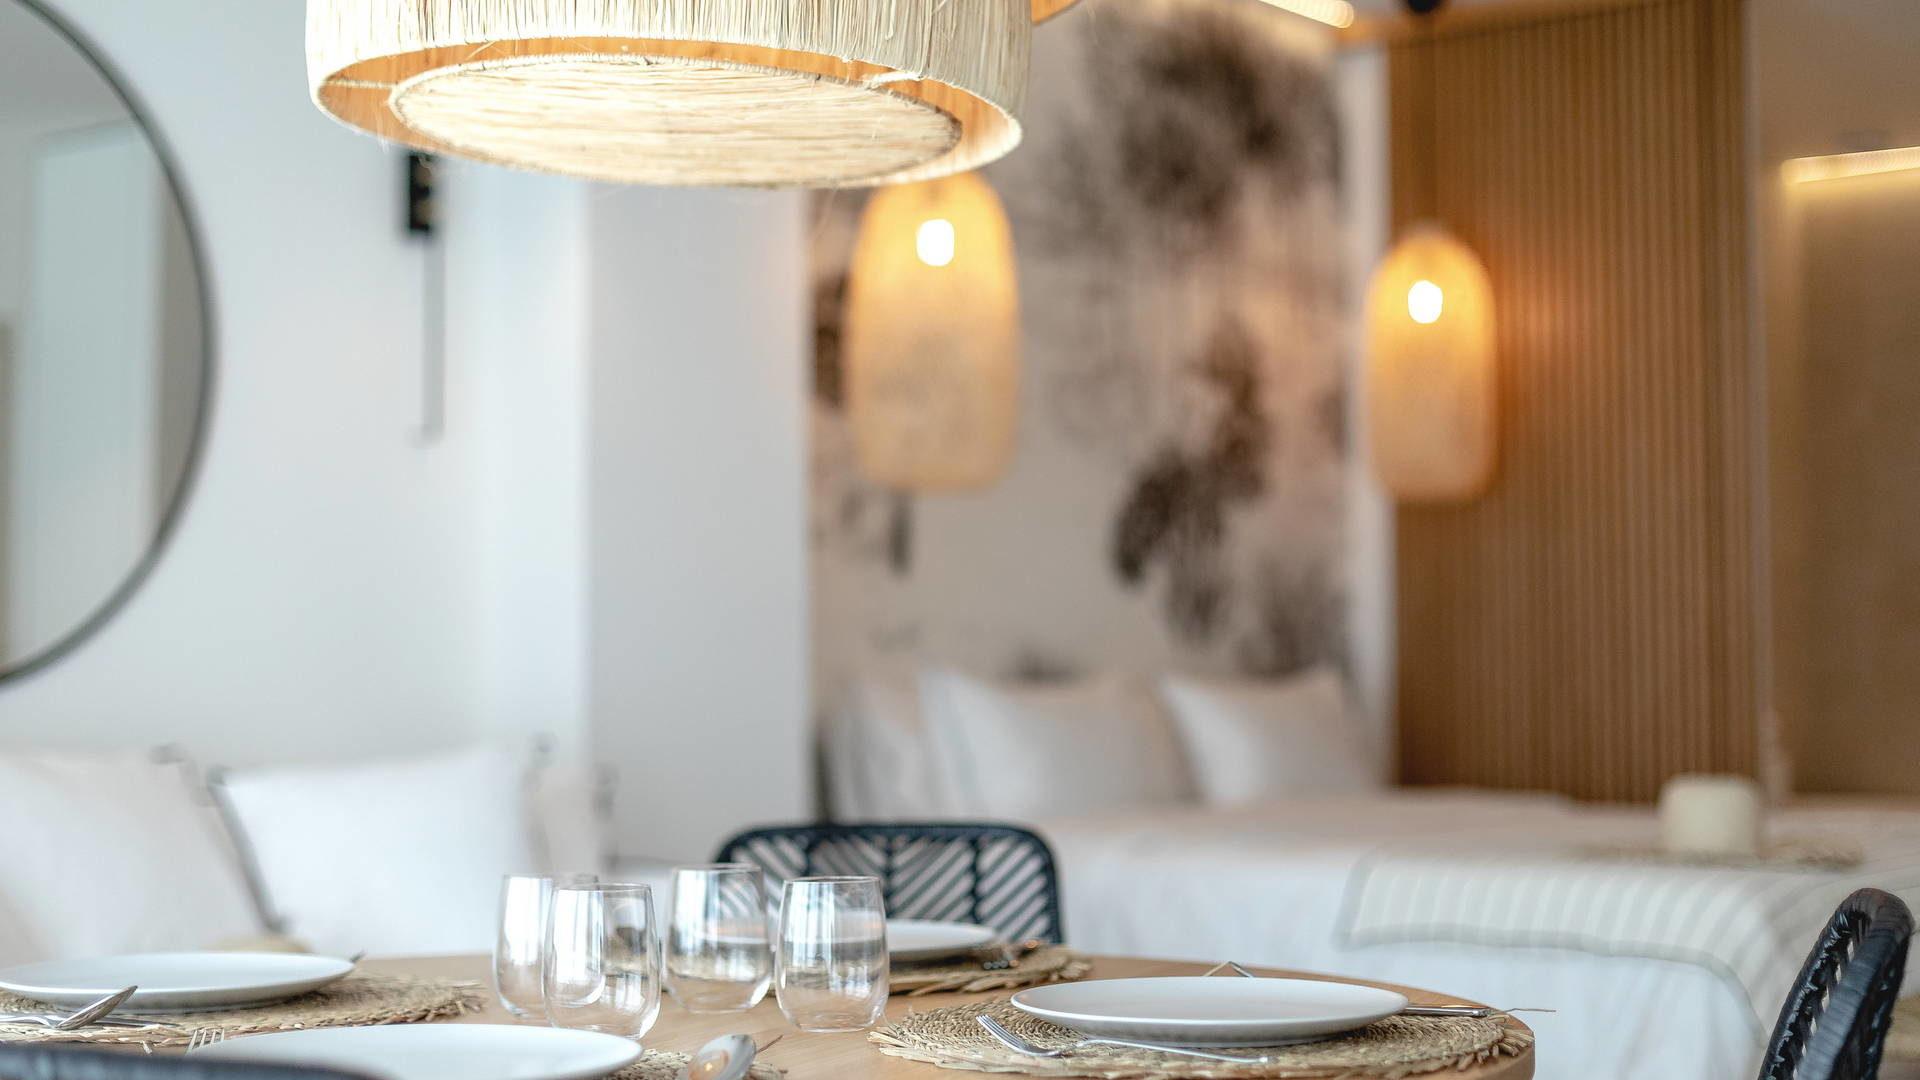 Table dréssée hotel languedoc roussillon